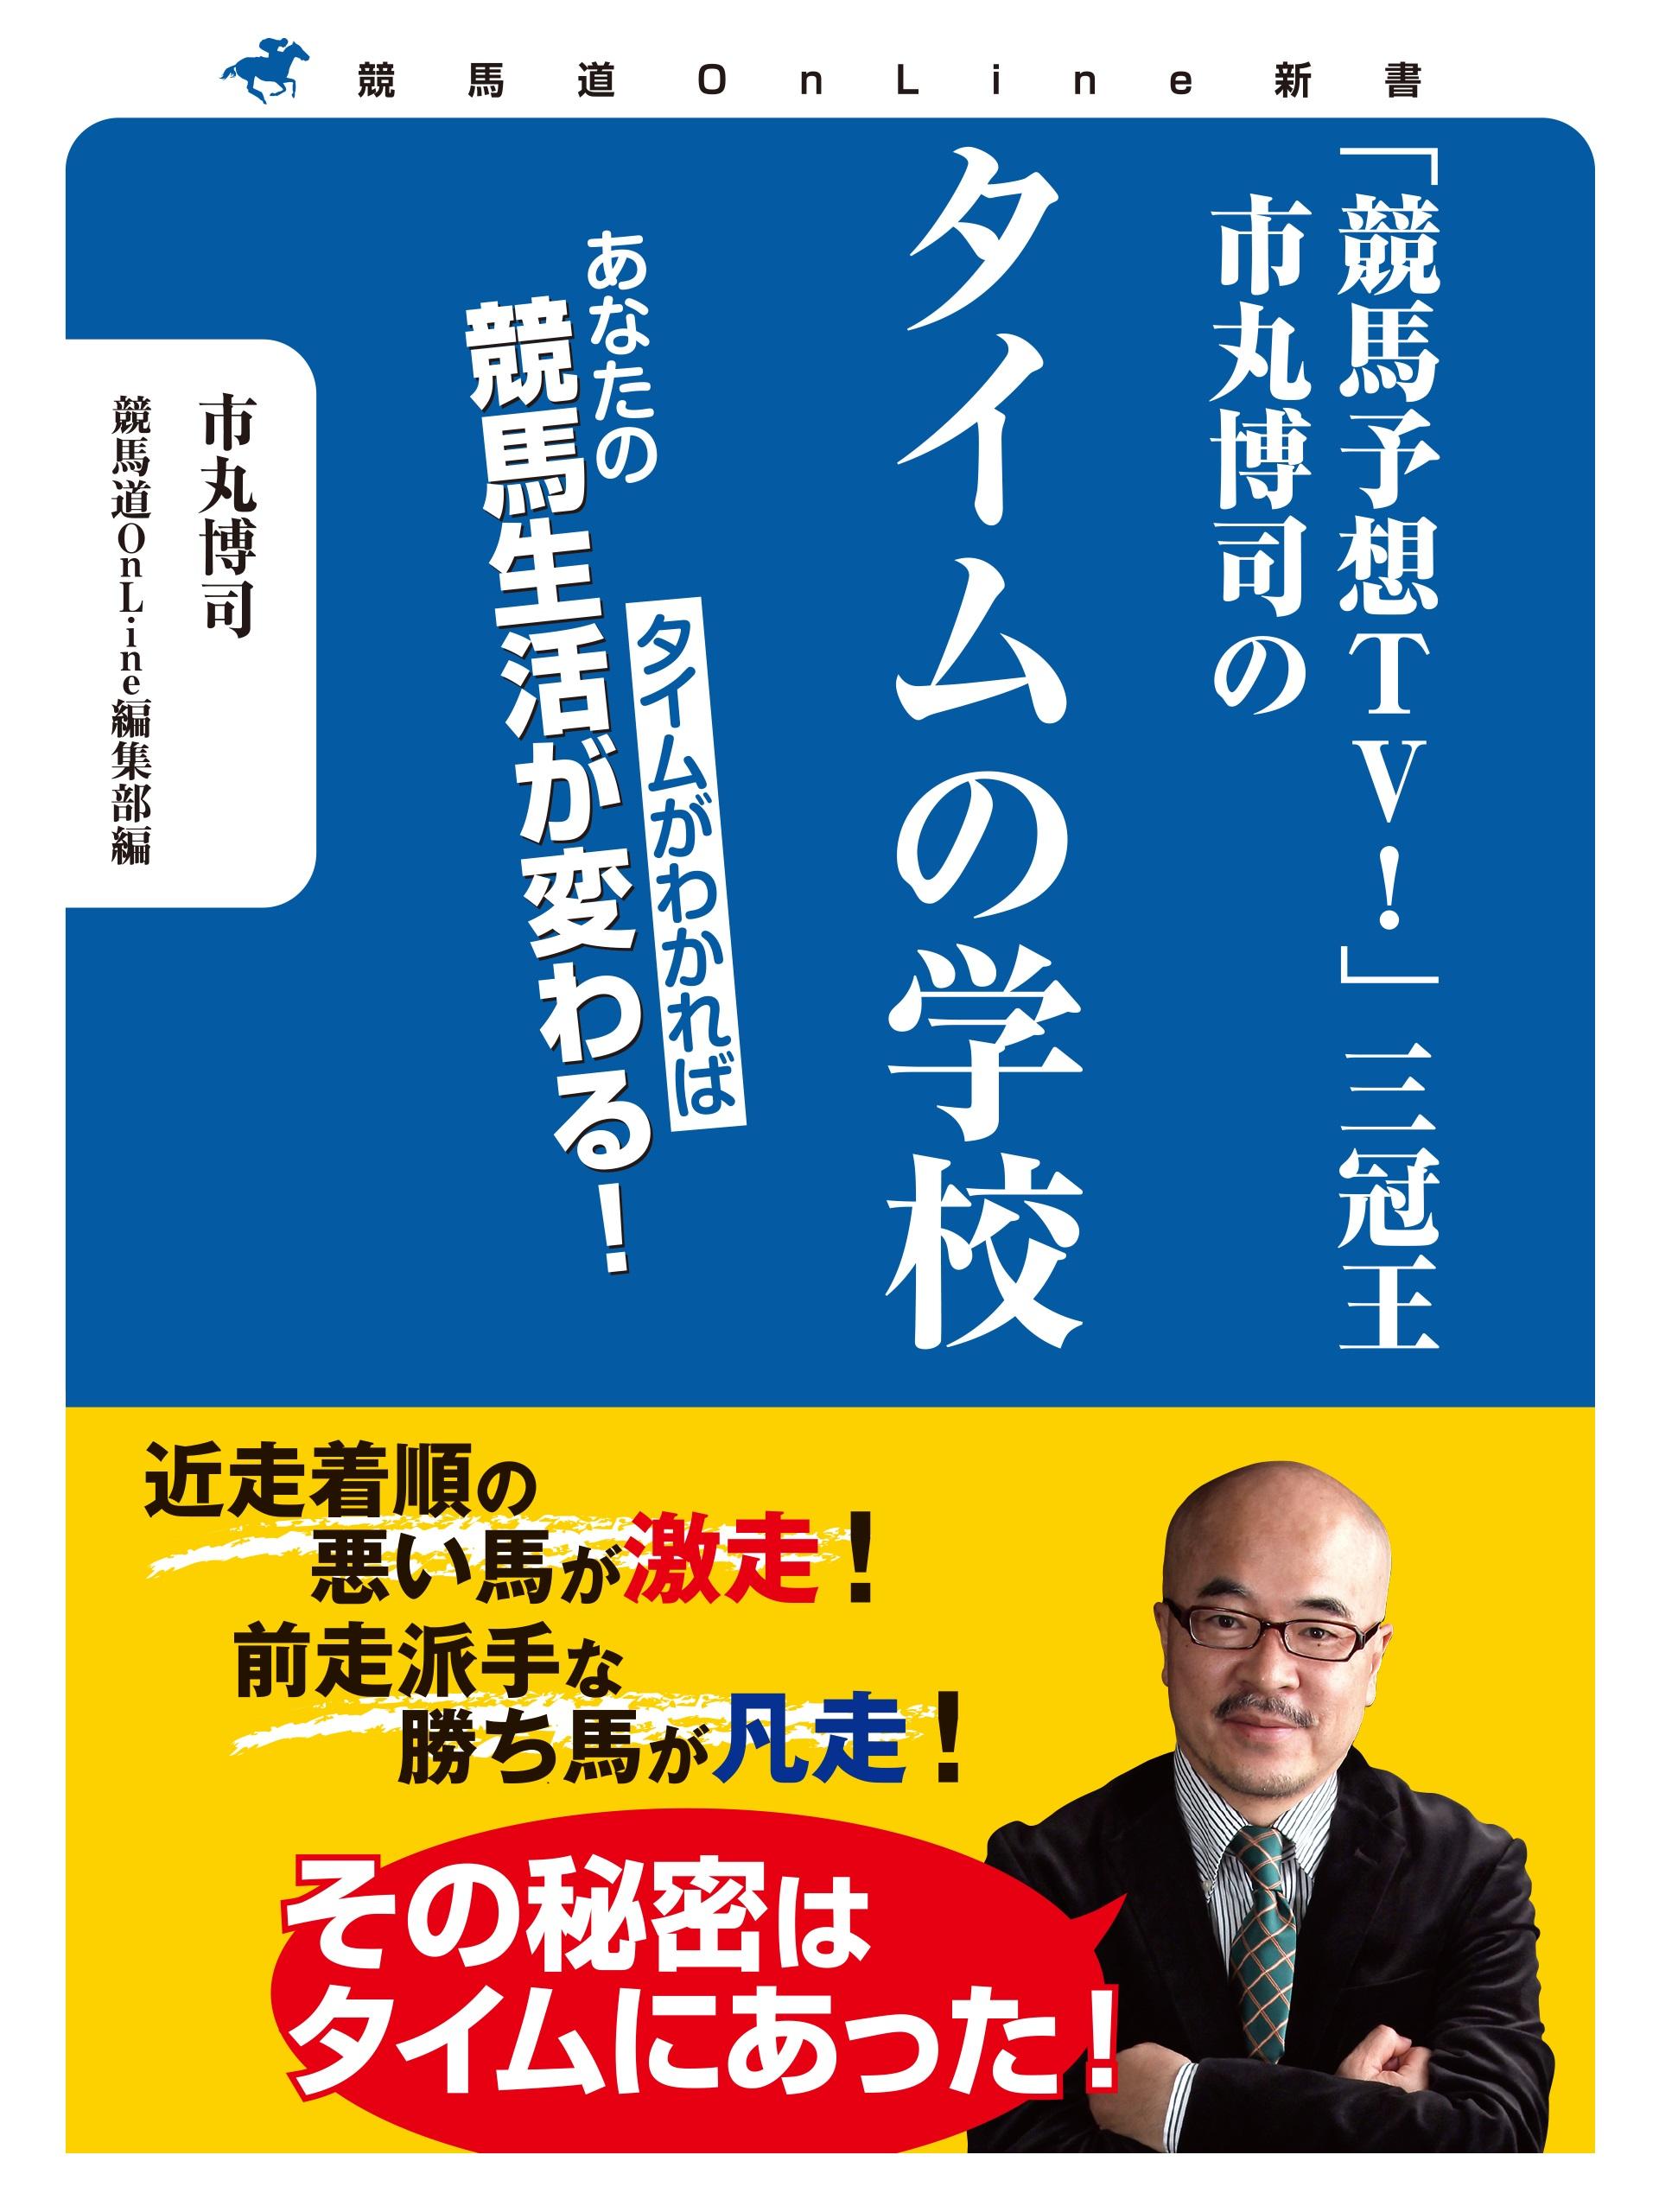 「競馬予想TV!」三冠王 市丸博司のタイムの学校